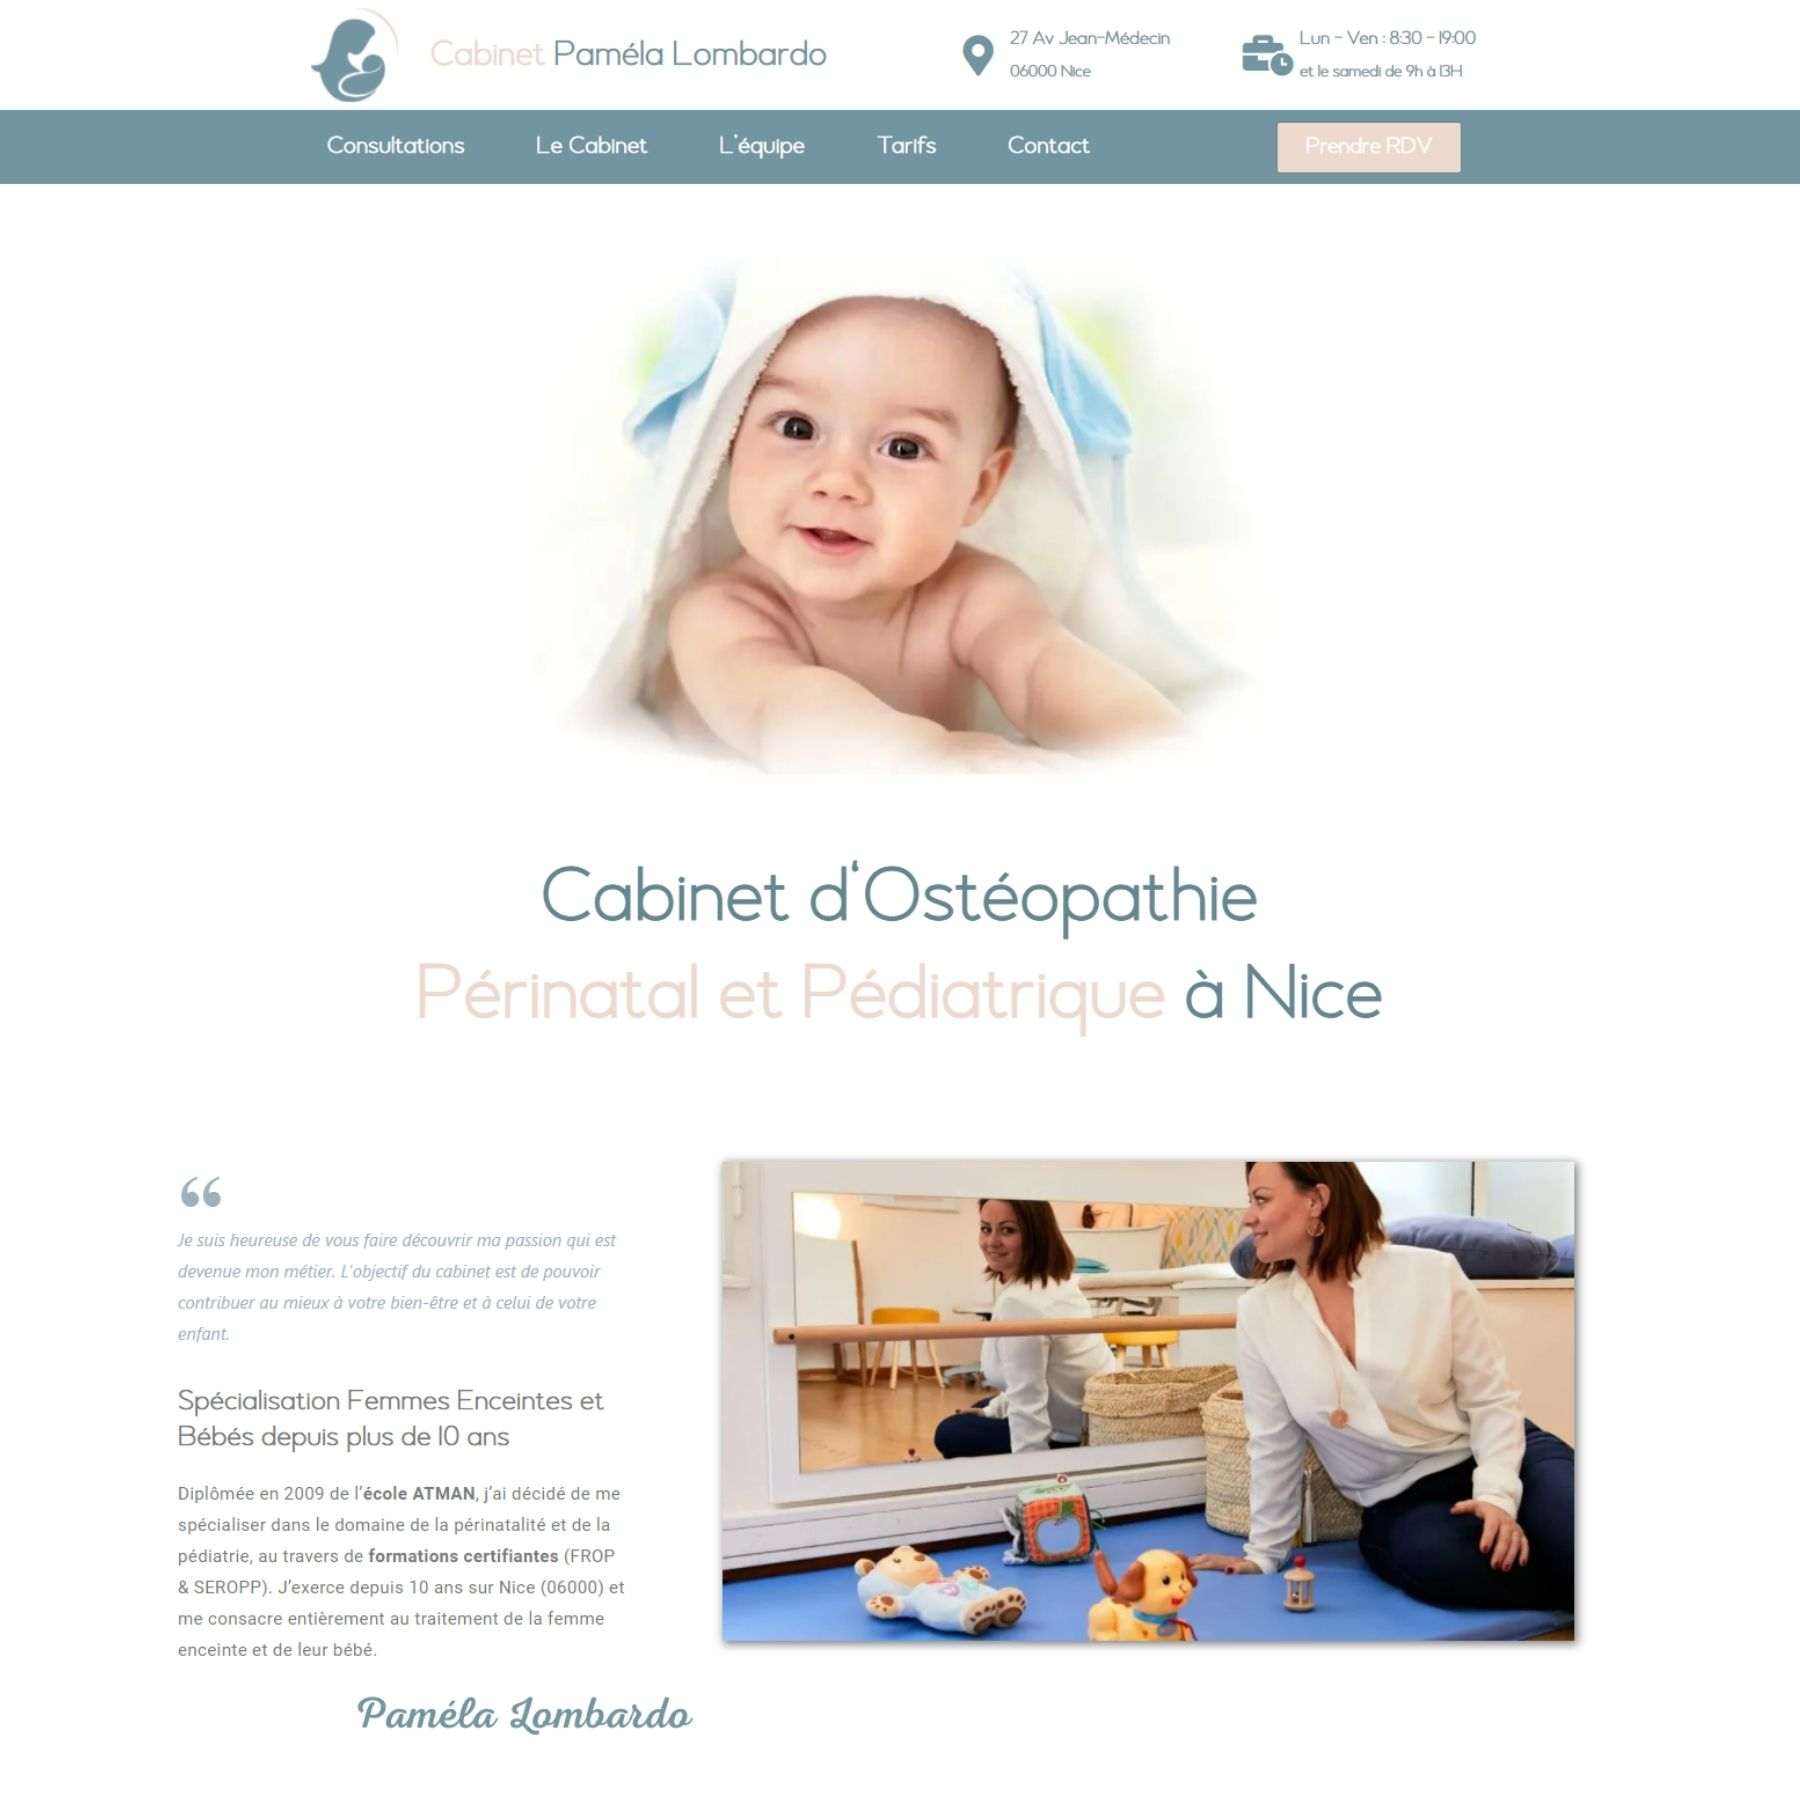 osteolombardo